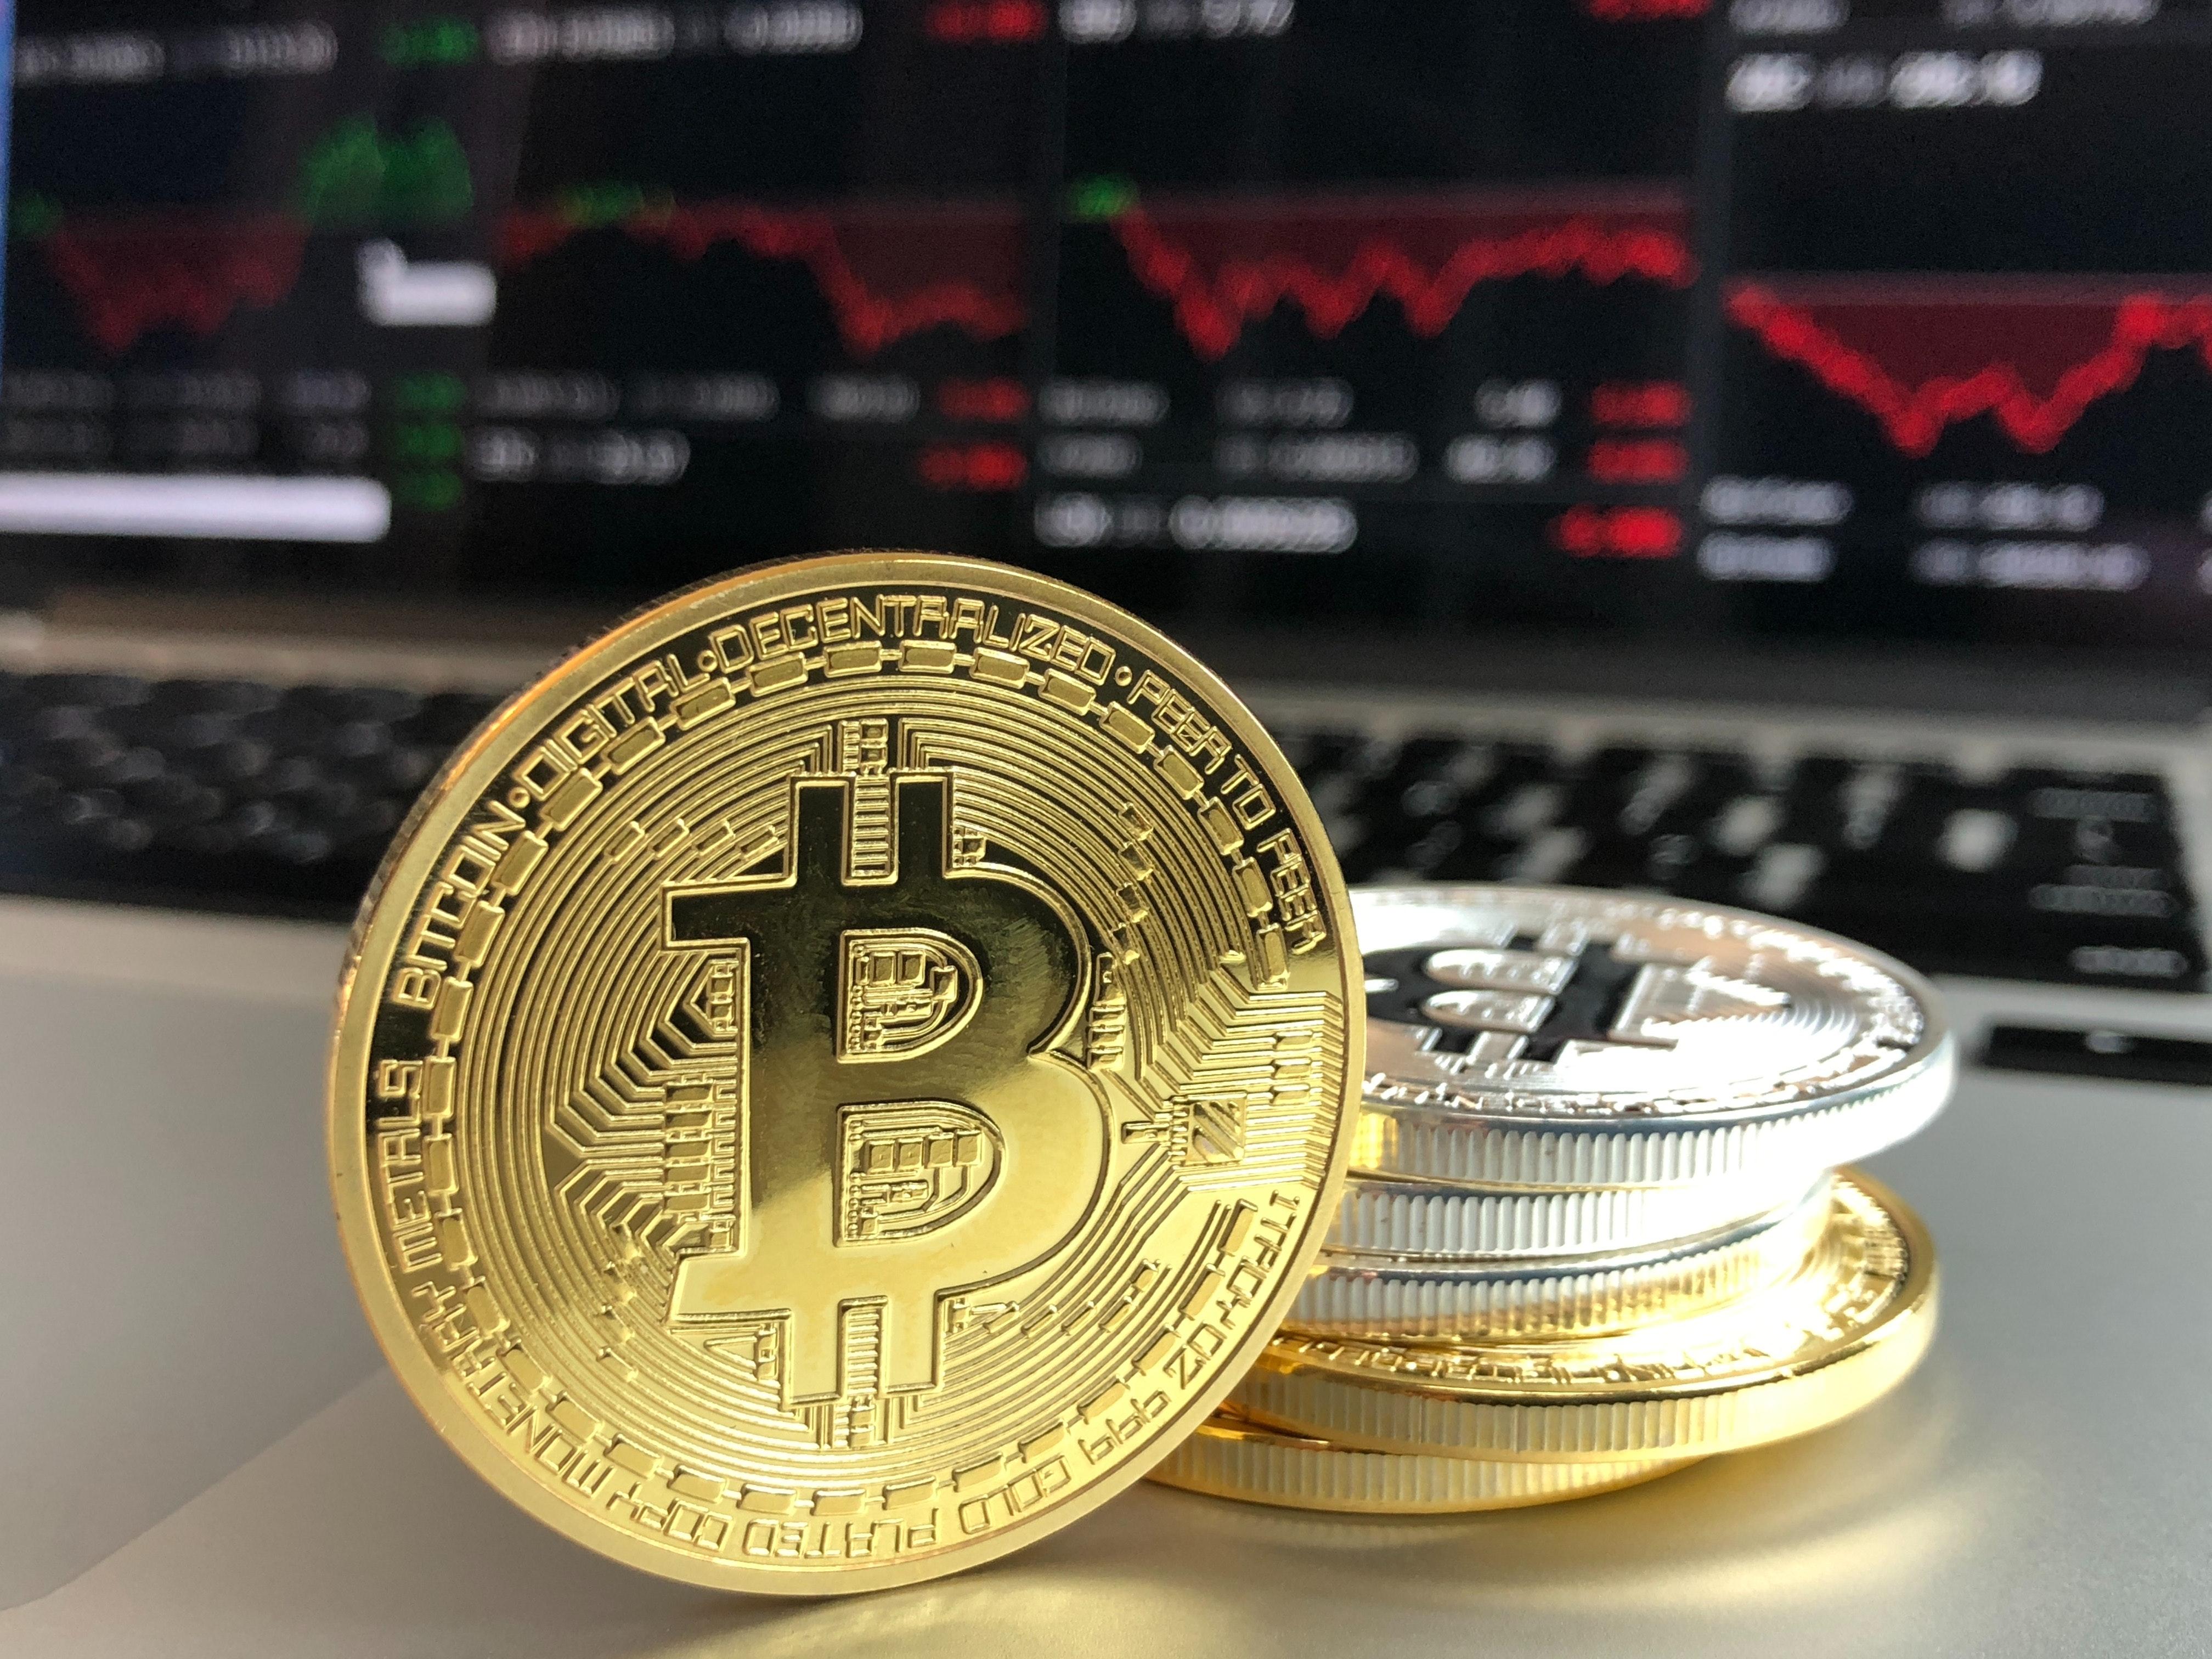 Cos'è il Bitcoin? Il ruolo del diritto nella regolamentazione delle criptovalute